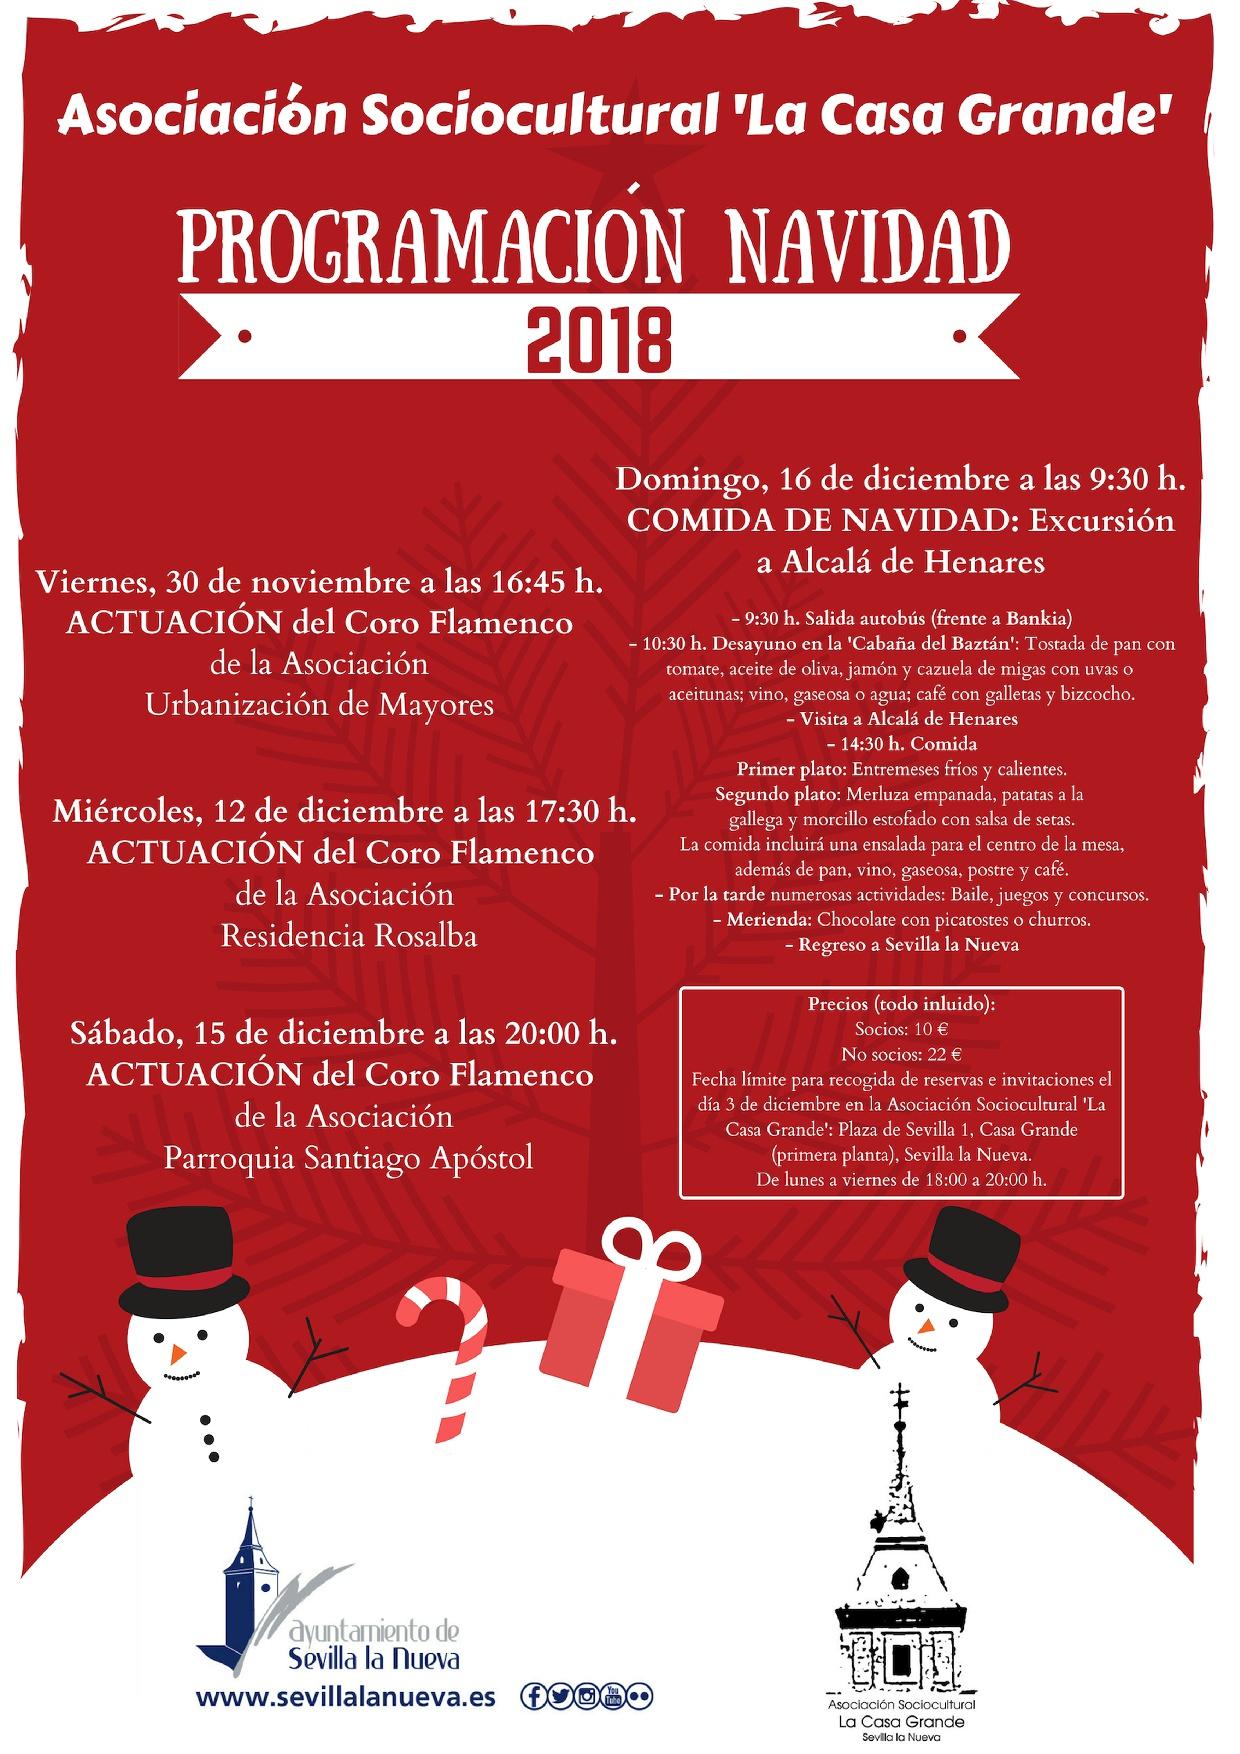 Excursión a Alcalá de Henares y comida de la Asociación 'La Casa Grande' @ Alcalá de Henares